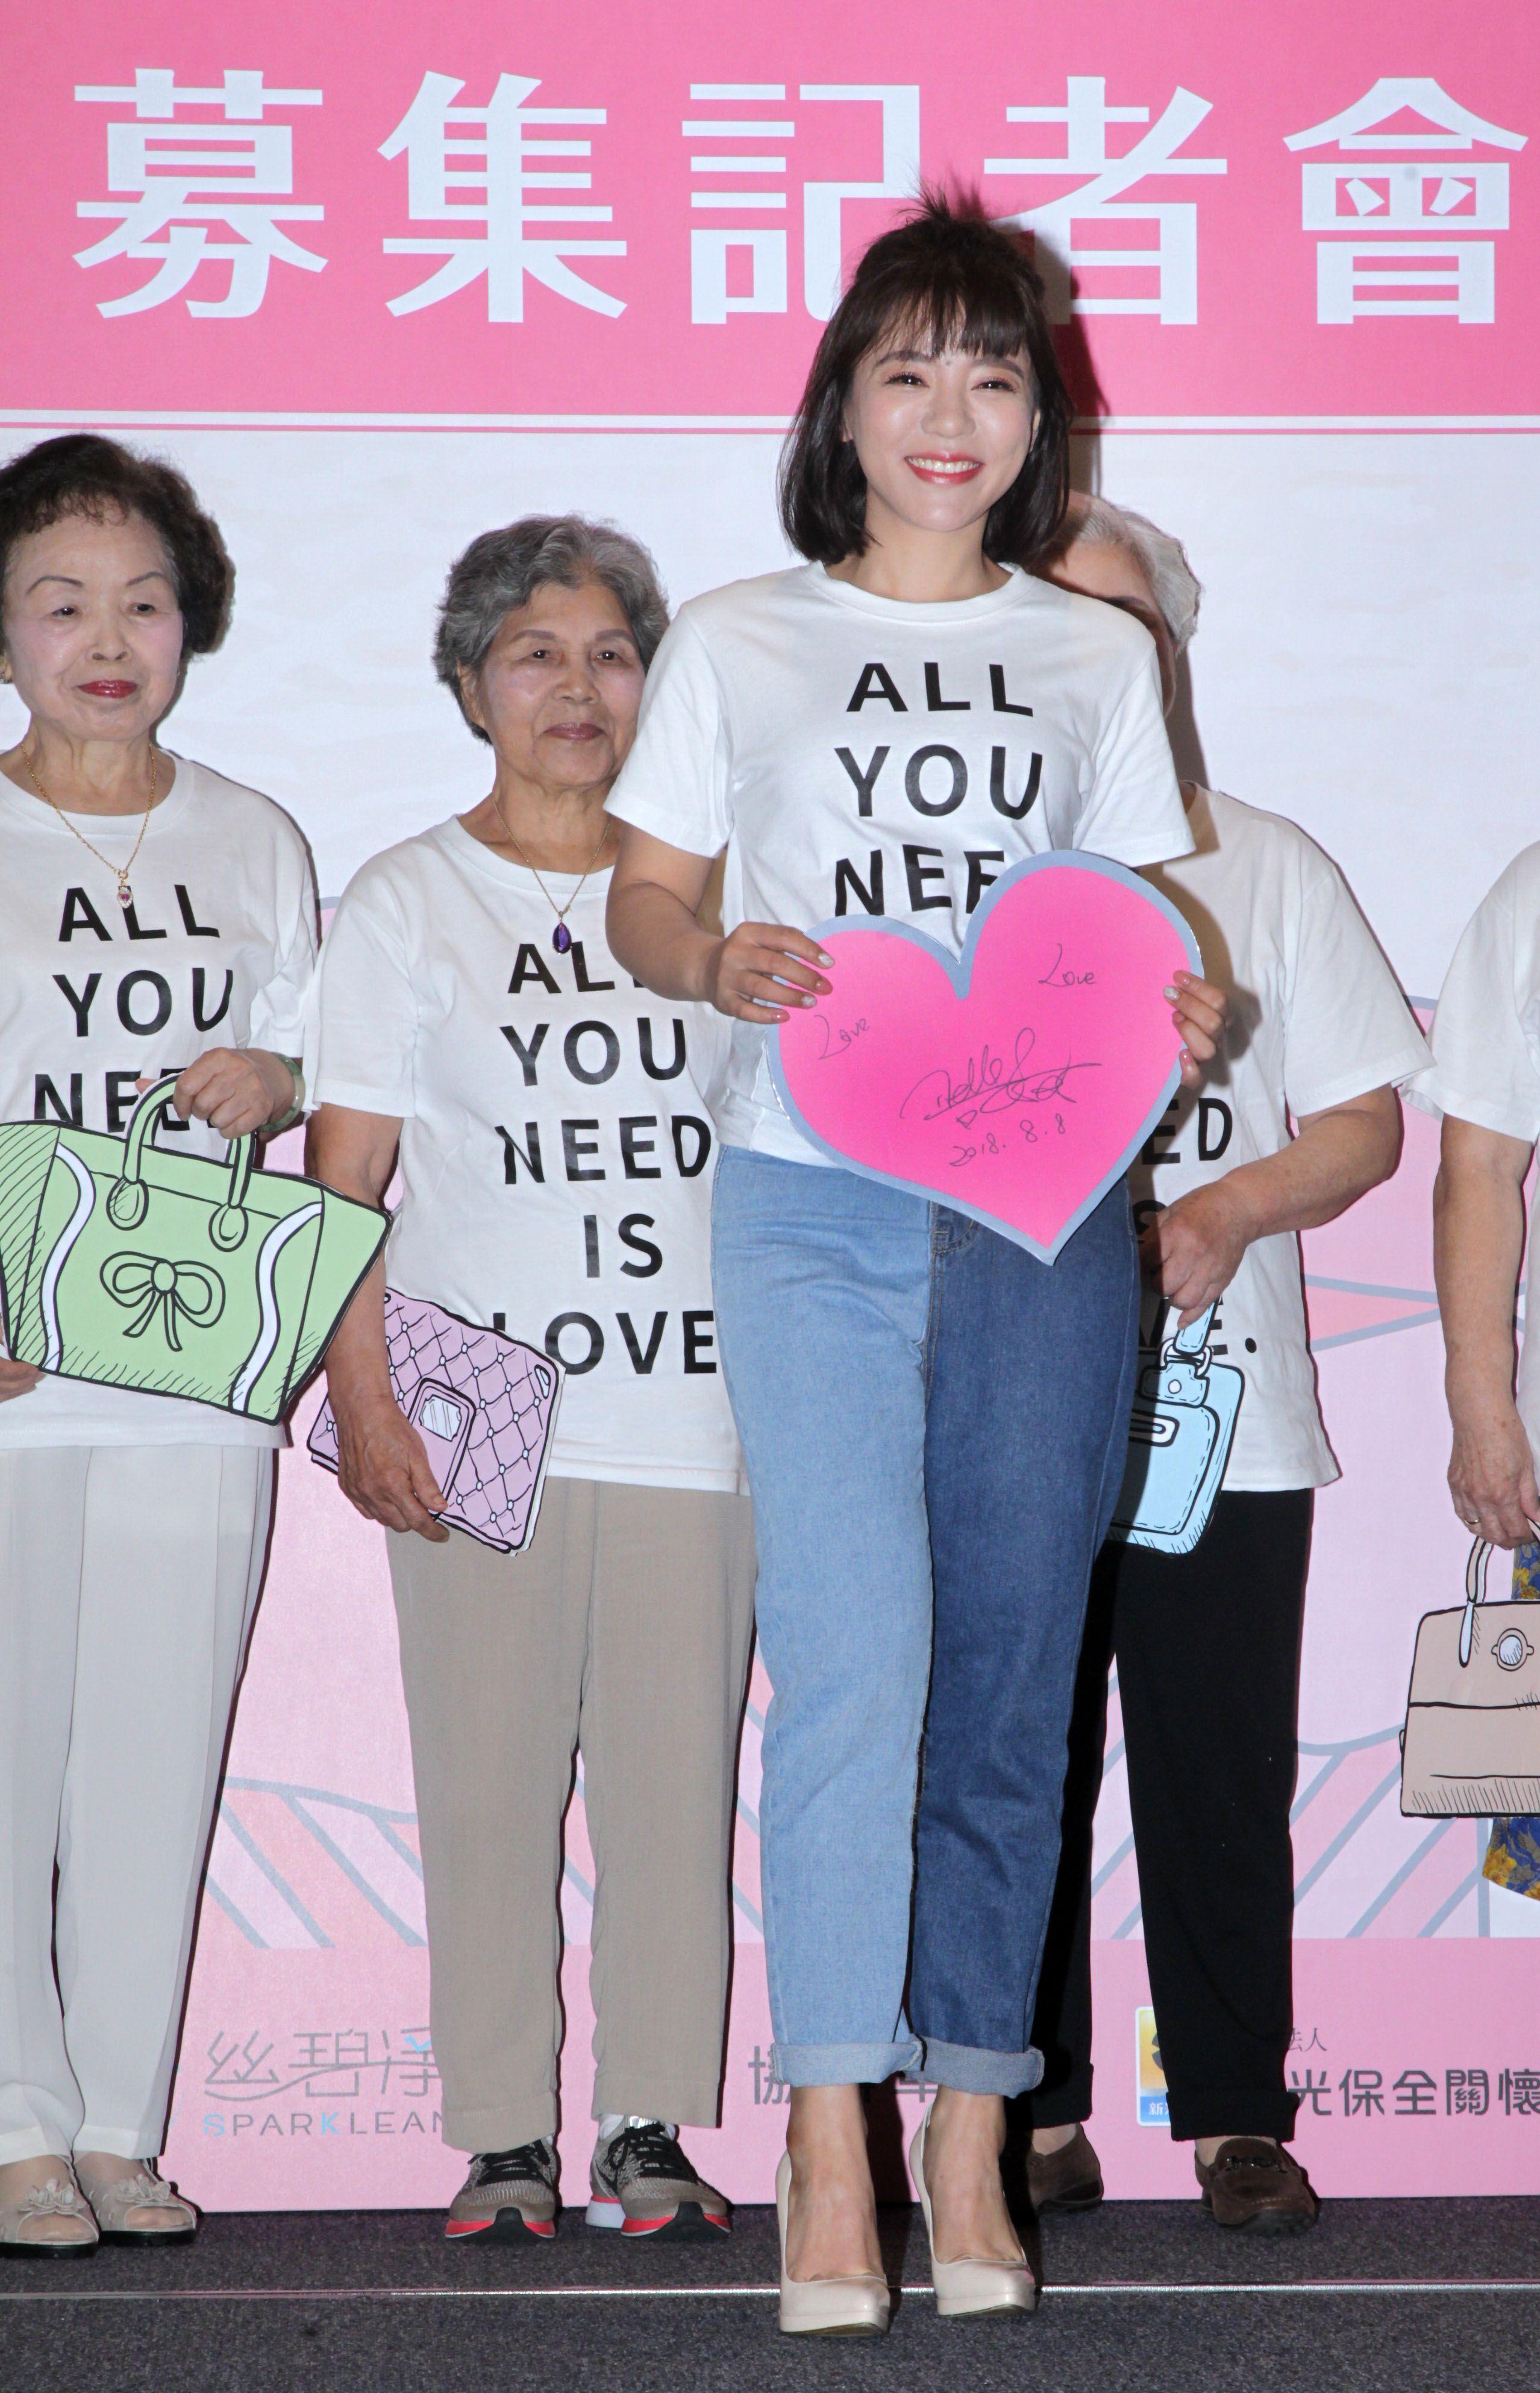 丁噹攜手銀髮族為愛募集二手衣包一起做公益。(記者邱榮吉/攝影)